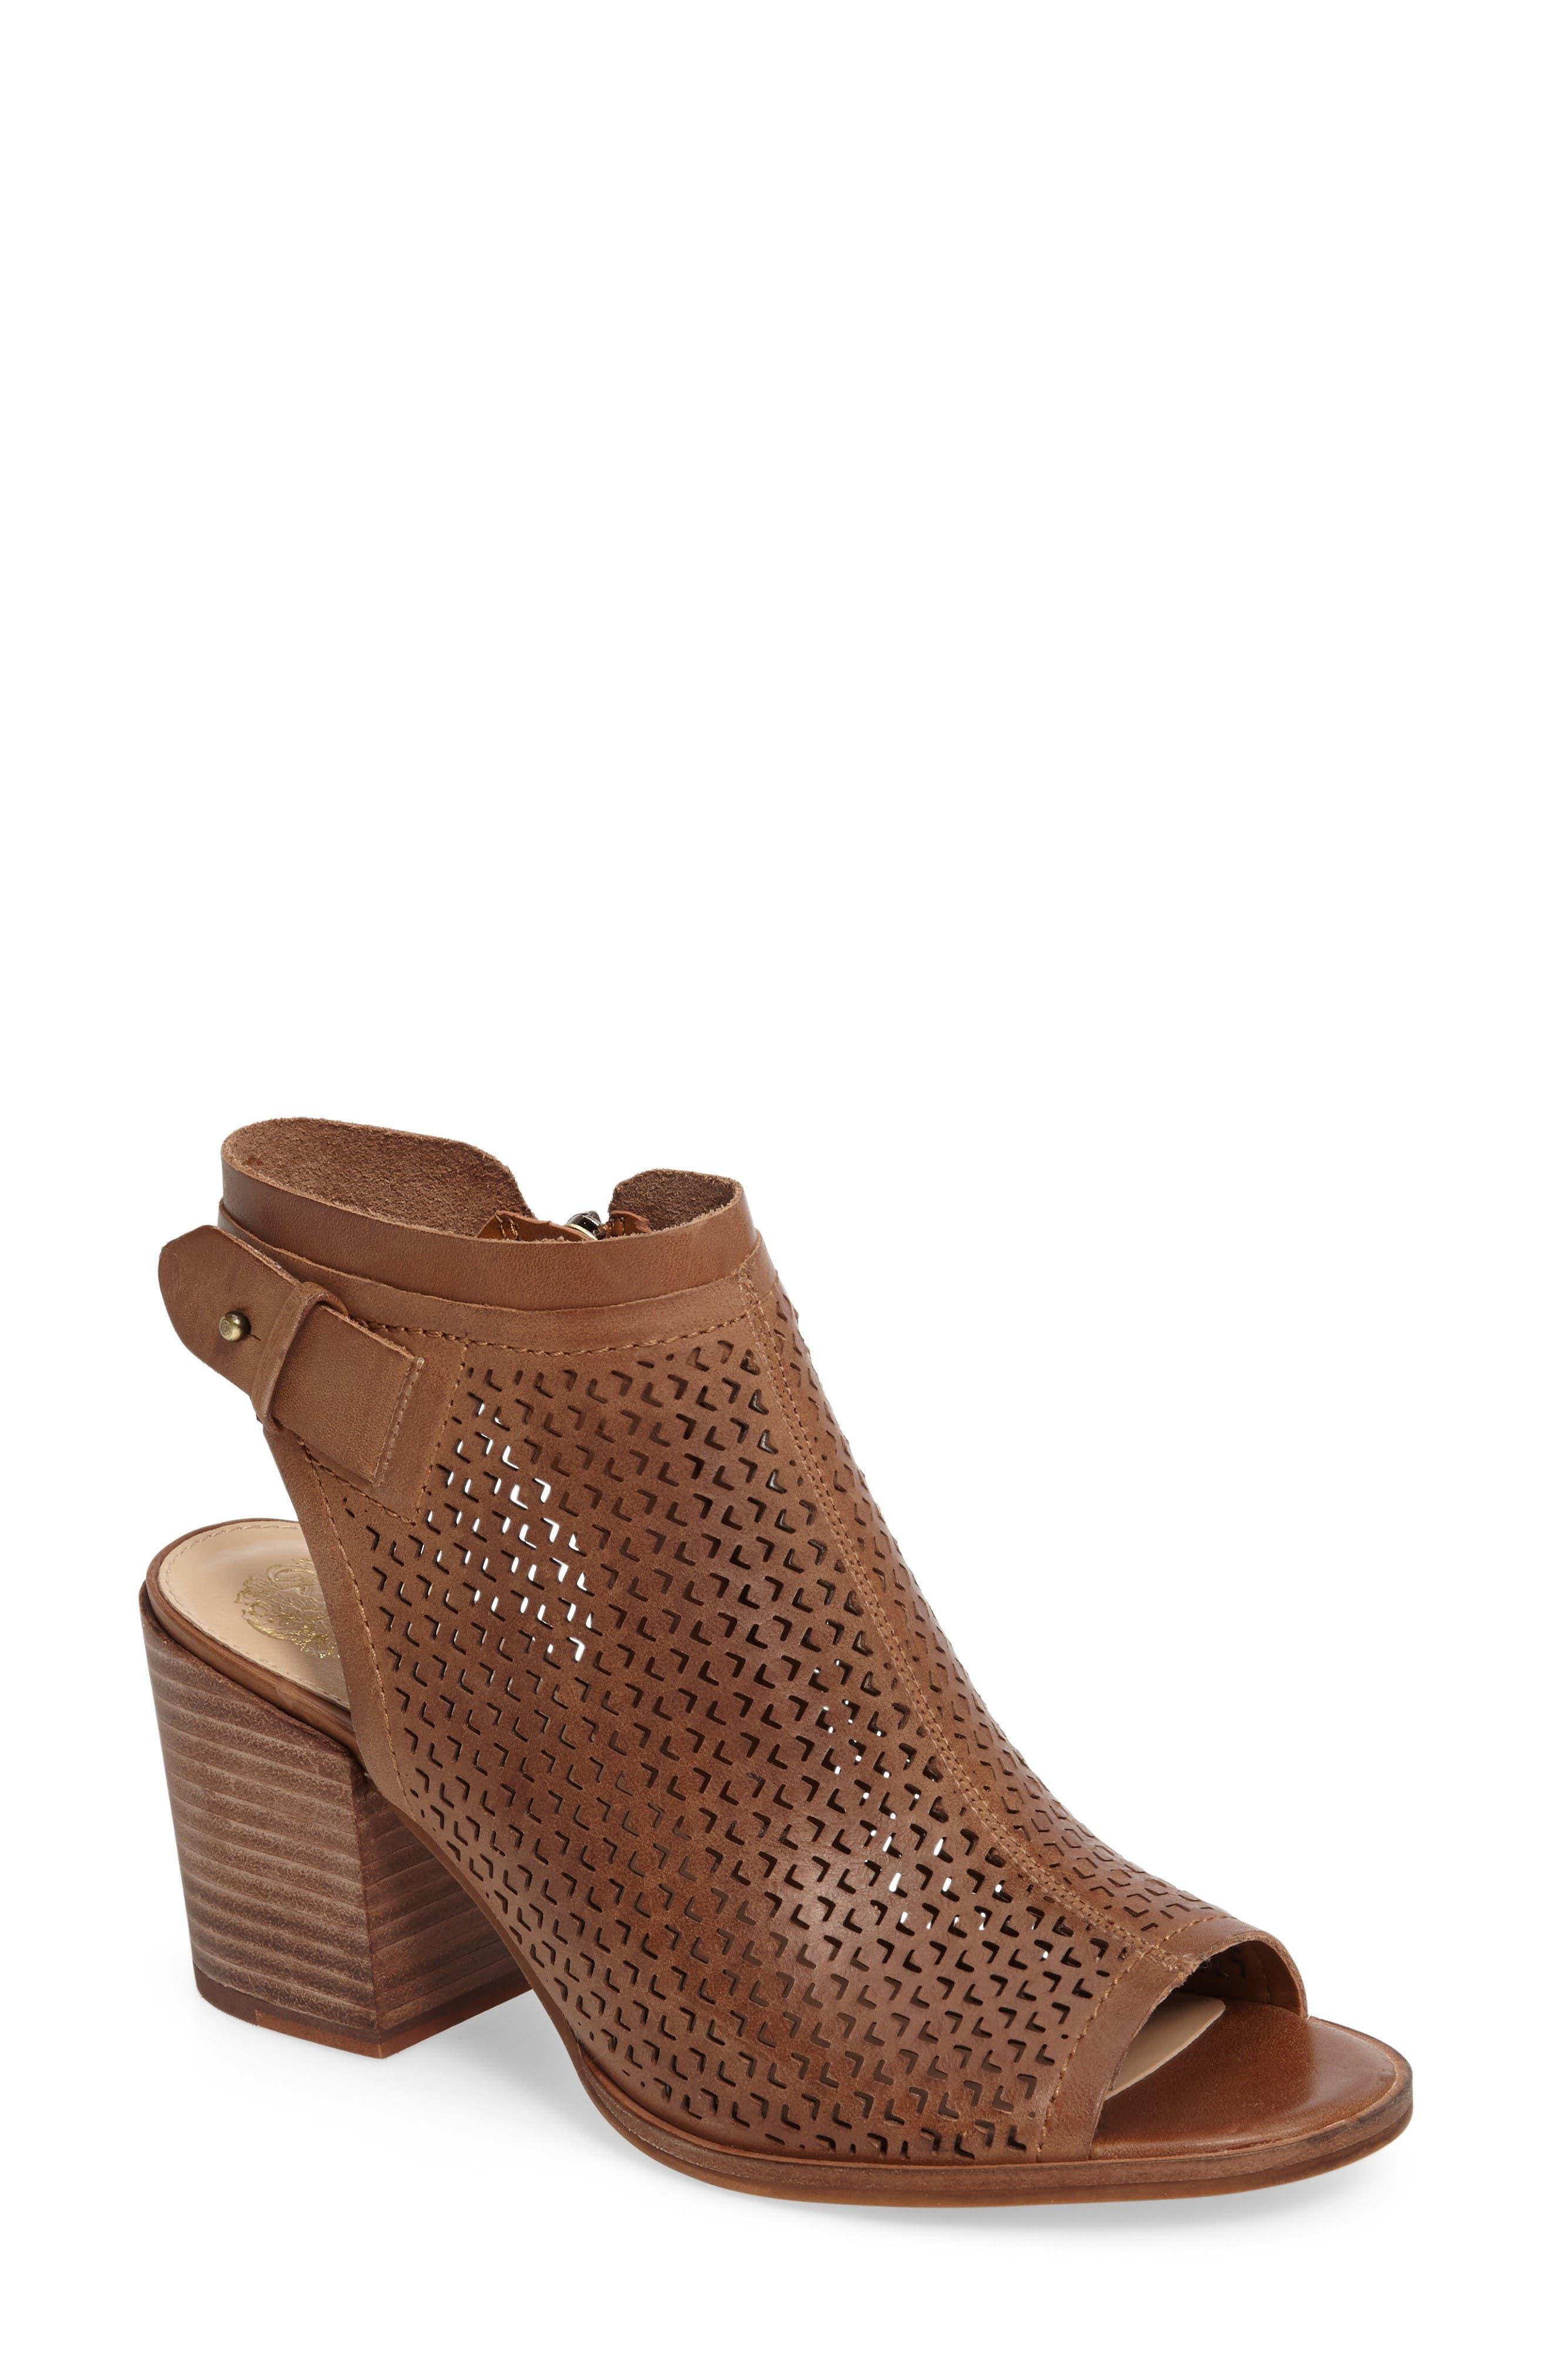 VINCE CAMUTO Lidie Cutout Bootie Sandal